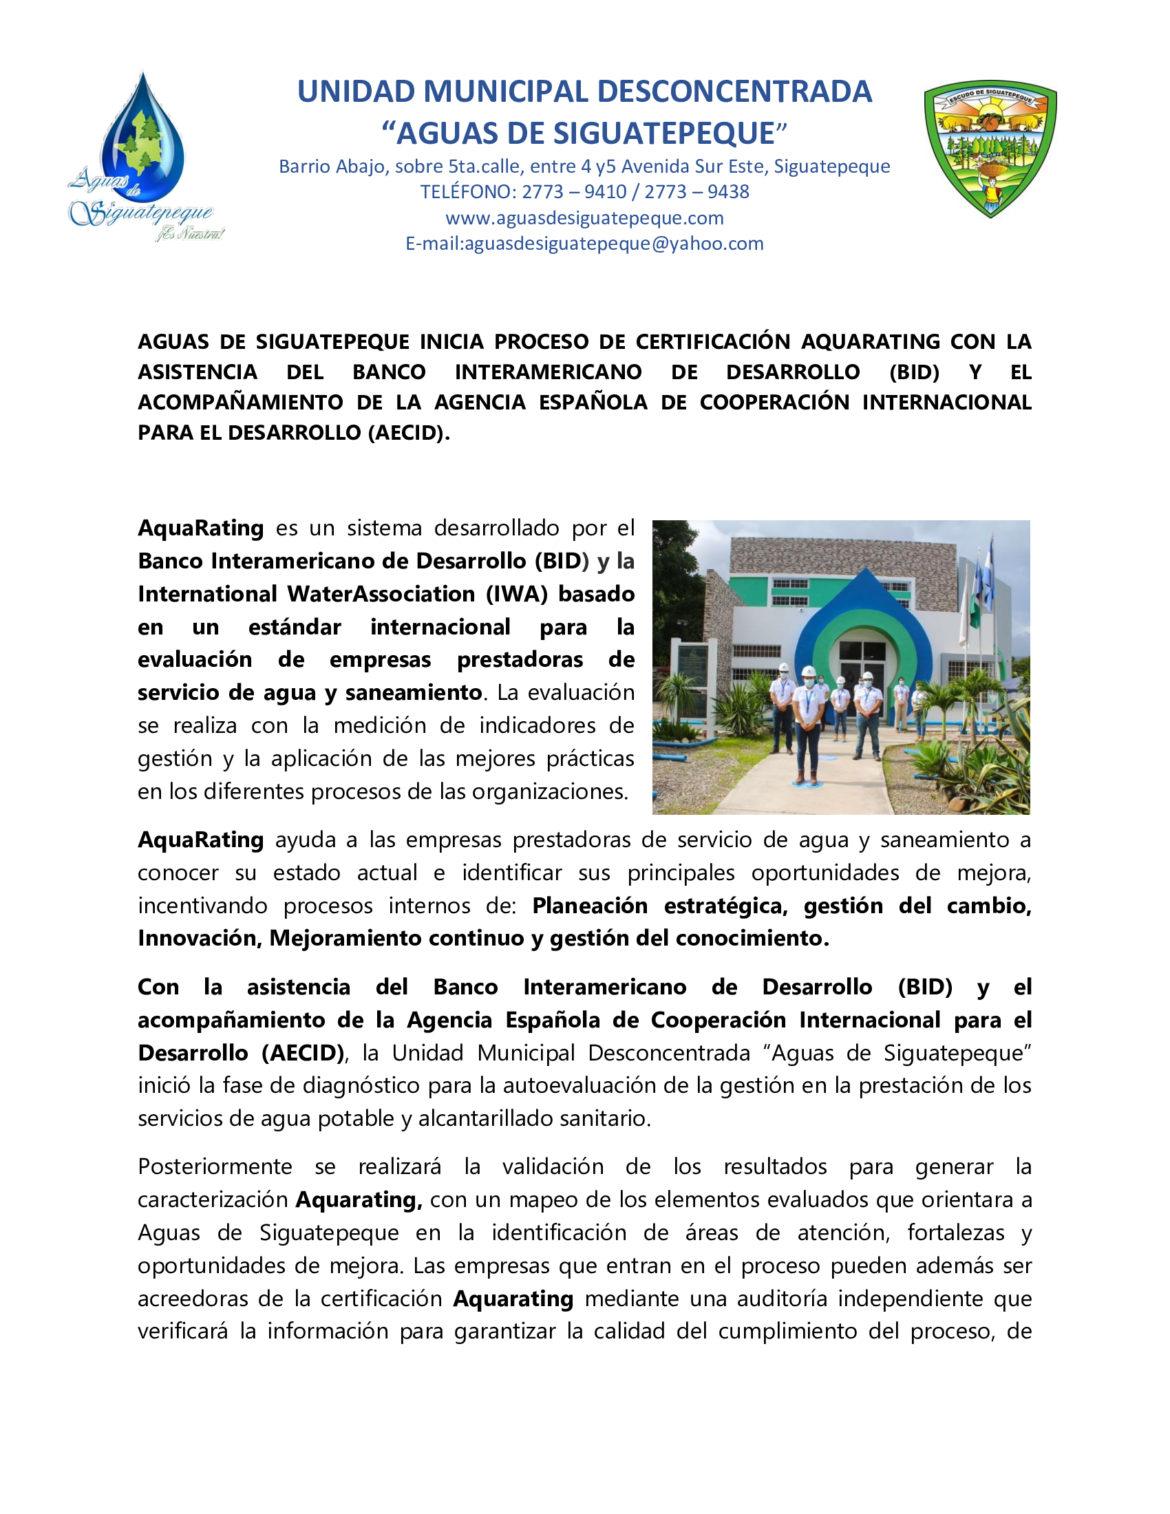 Aguas de Siguatepeque inicia proceso de certificación AquaRating con la asistencia Del Banco Interamericano de Desarrollo (BID) y el acompañamiento de la Agencia Española De Cooperación Internacional para el Desarrollo (AECID).